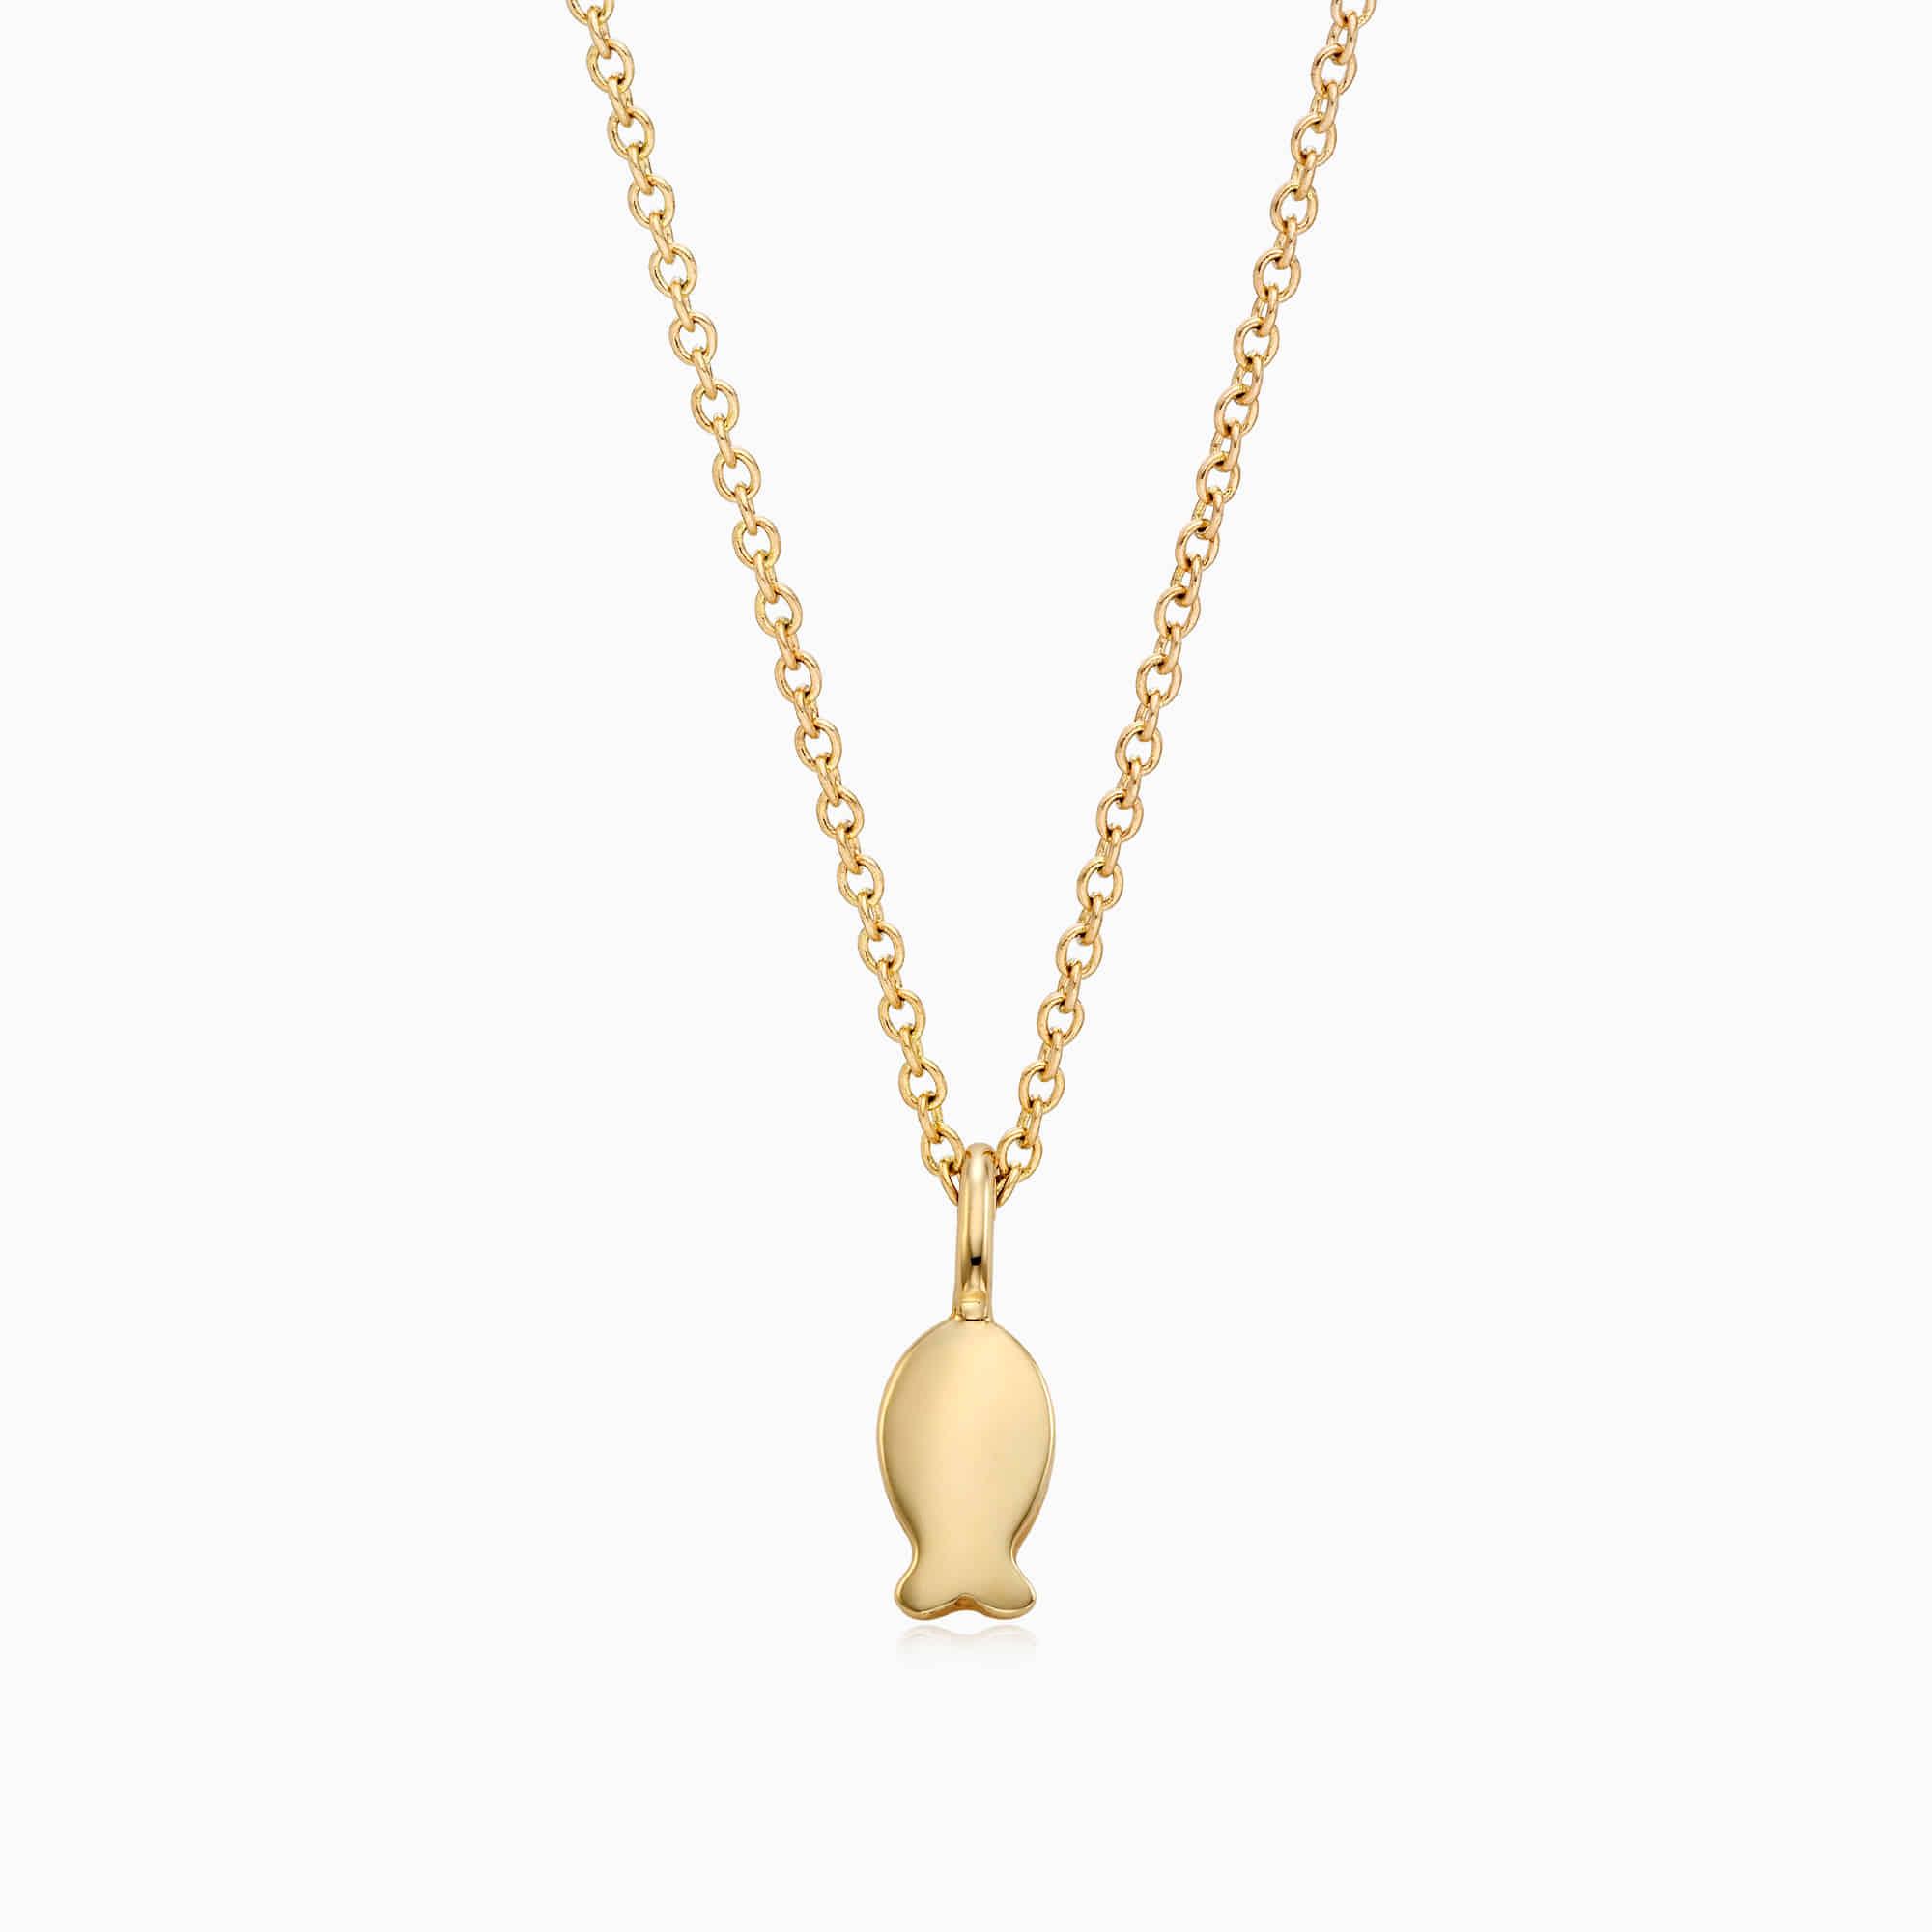 14K/18K Gold Kaiu Hope Necklace- Carp Necklace